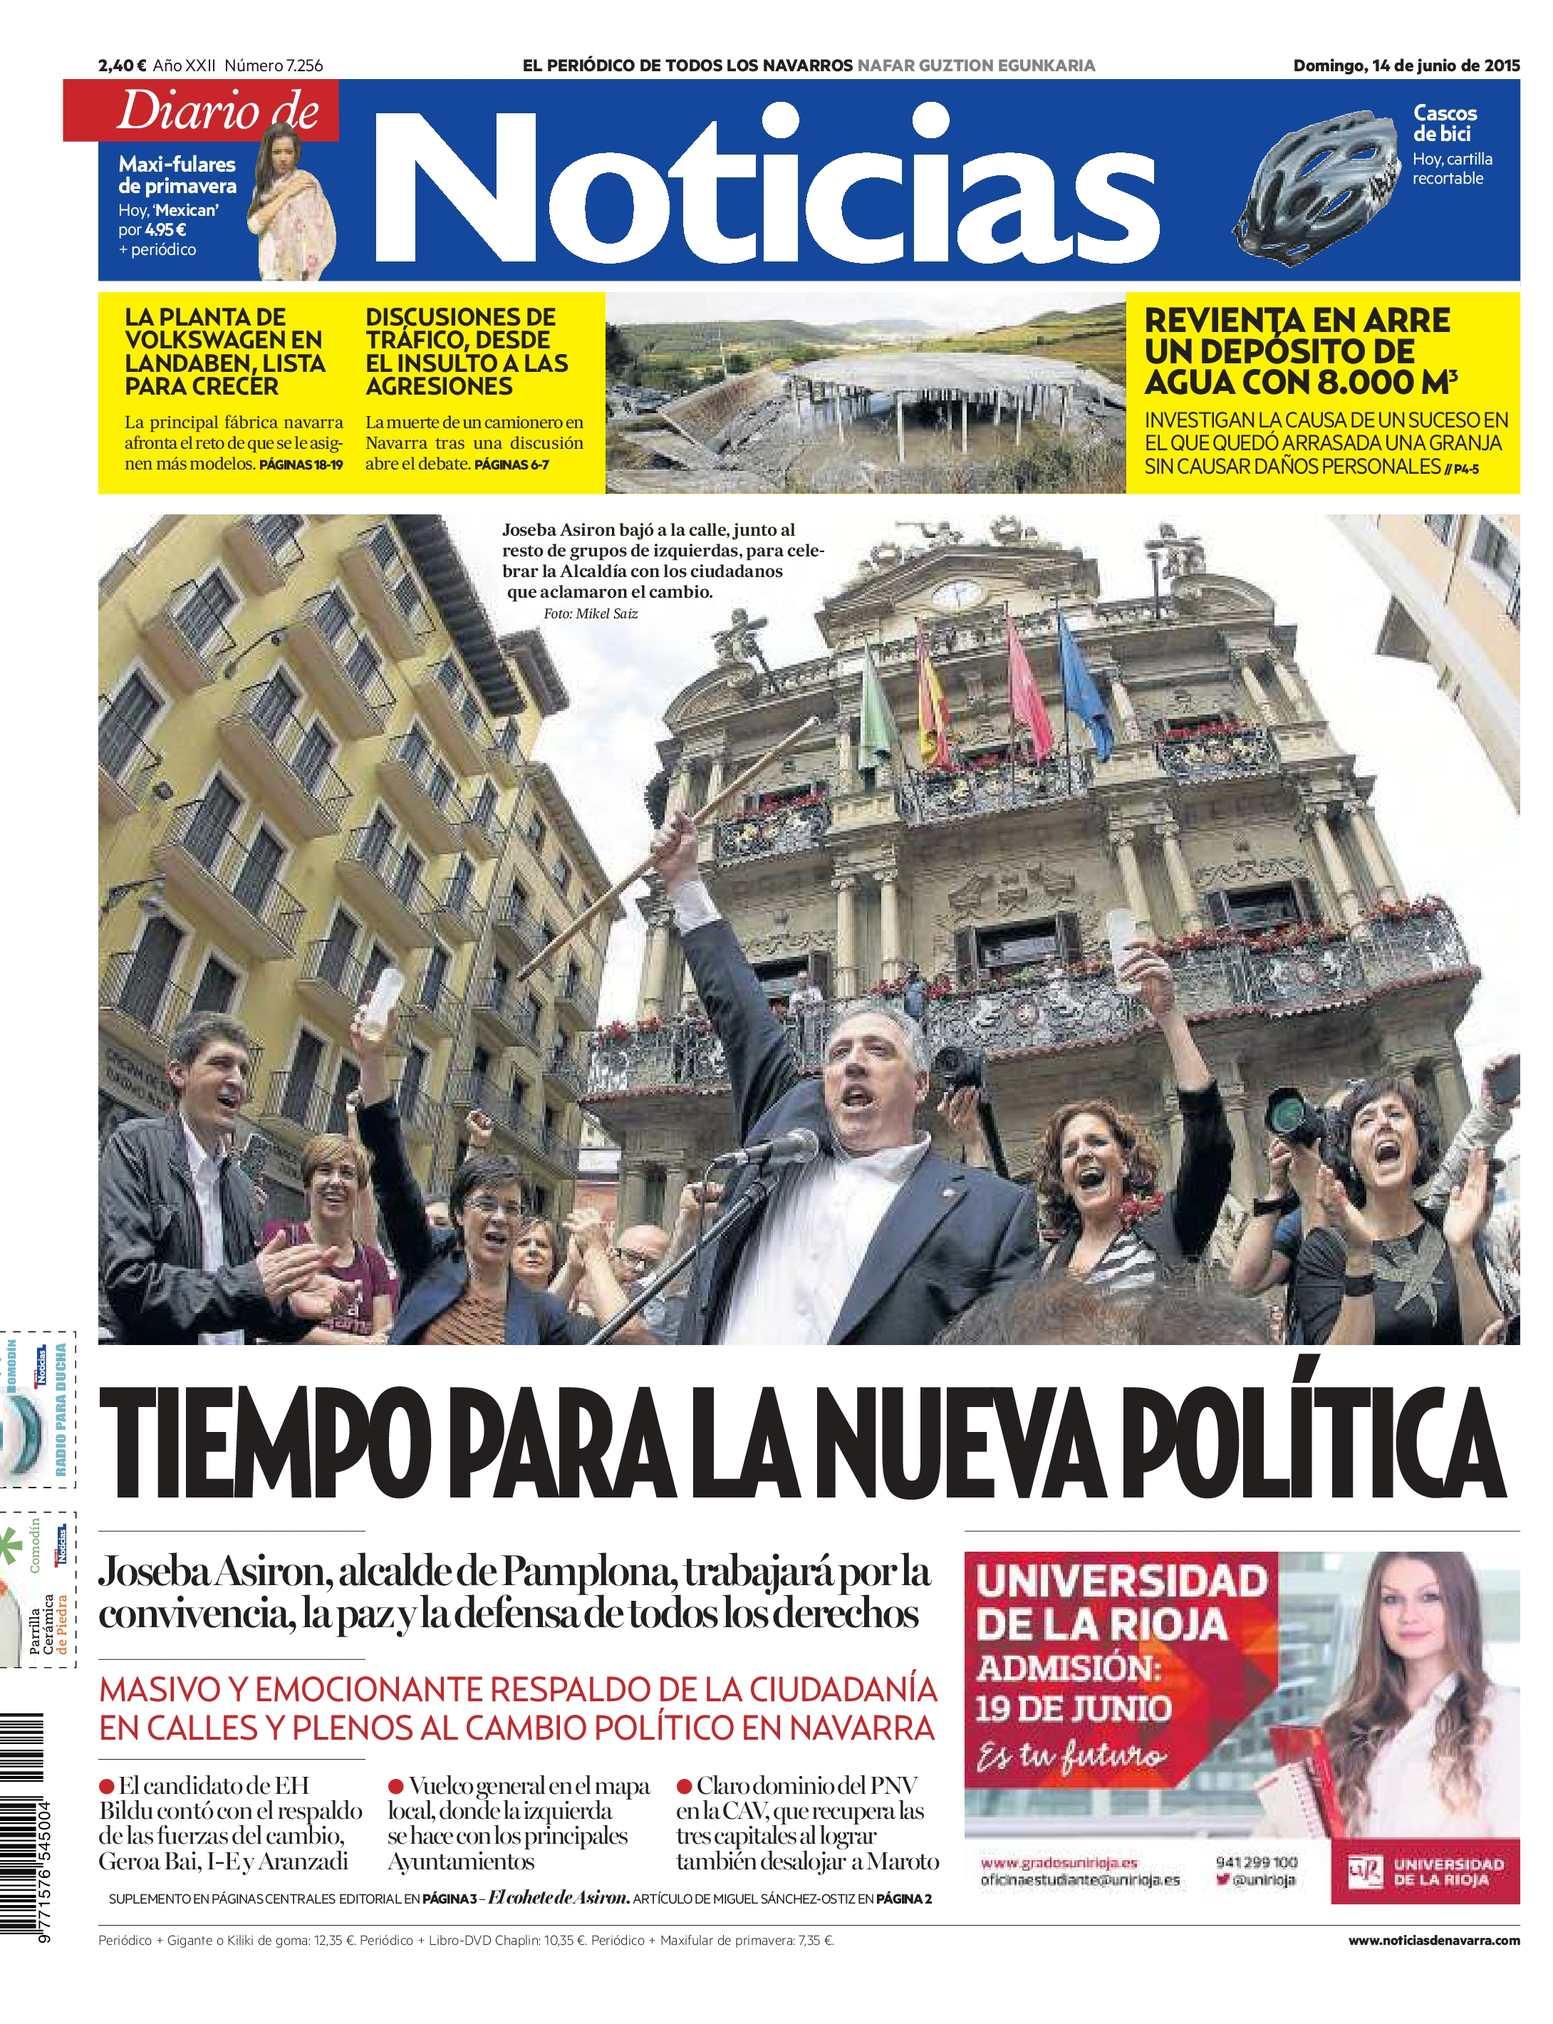 Calaméo - Diario de Noticias 20150614